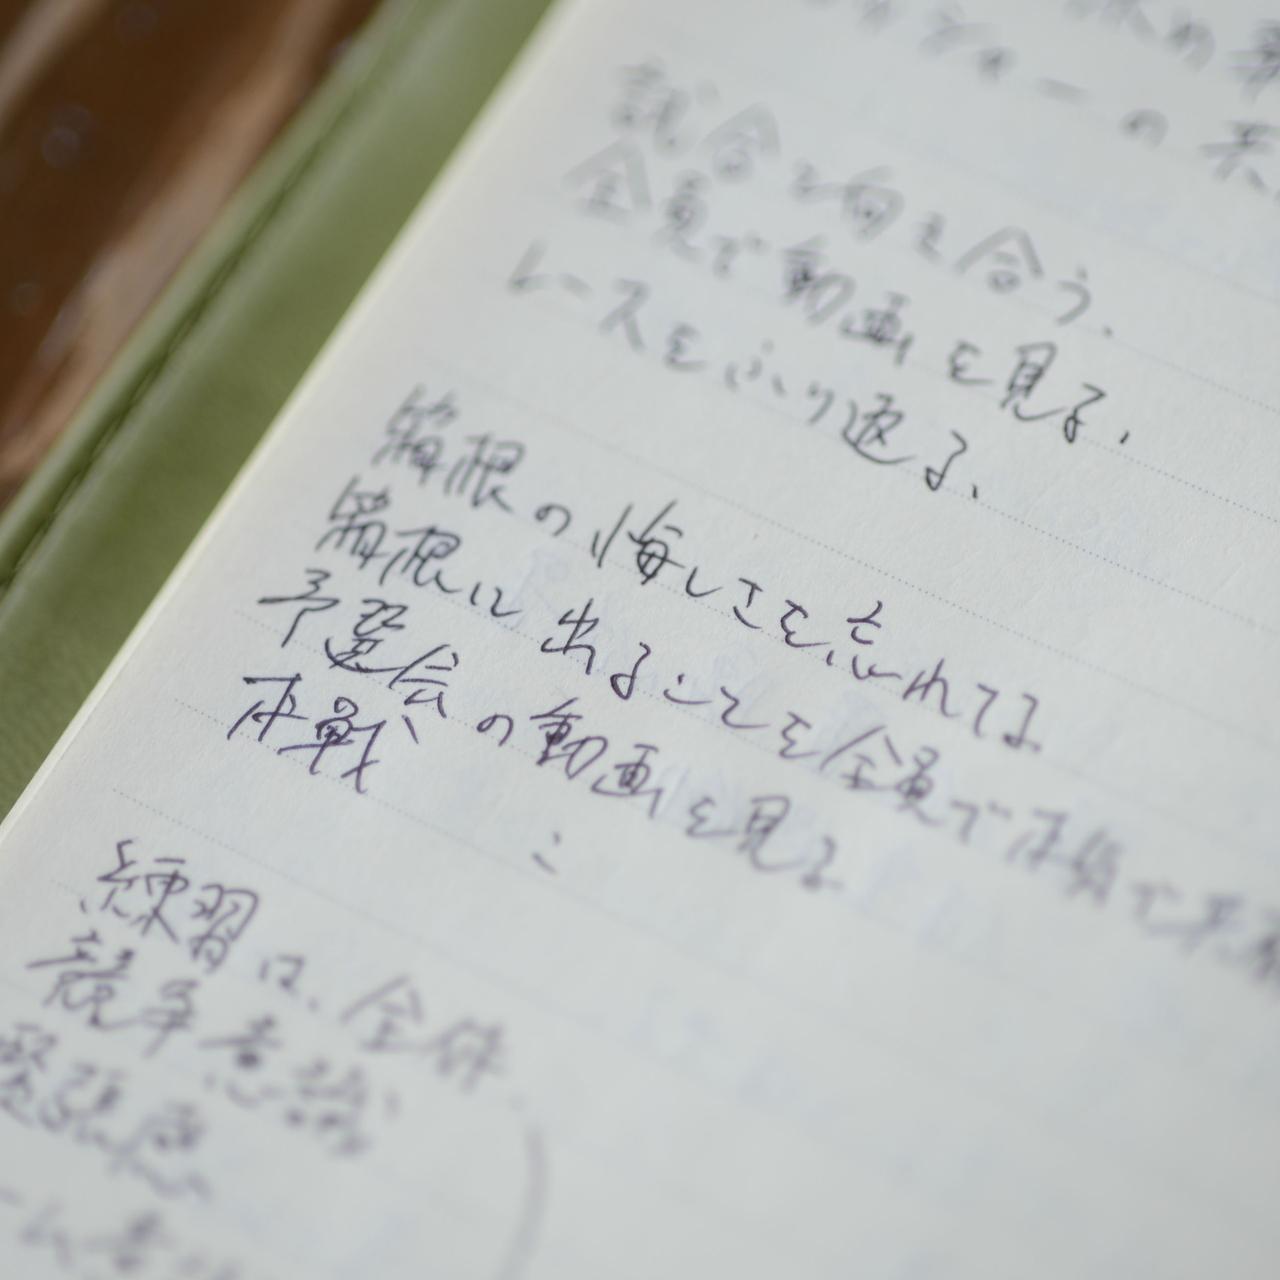 一般入試で中央大学を受験。準部員から箱根予選会チームトップに